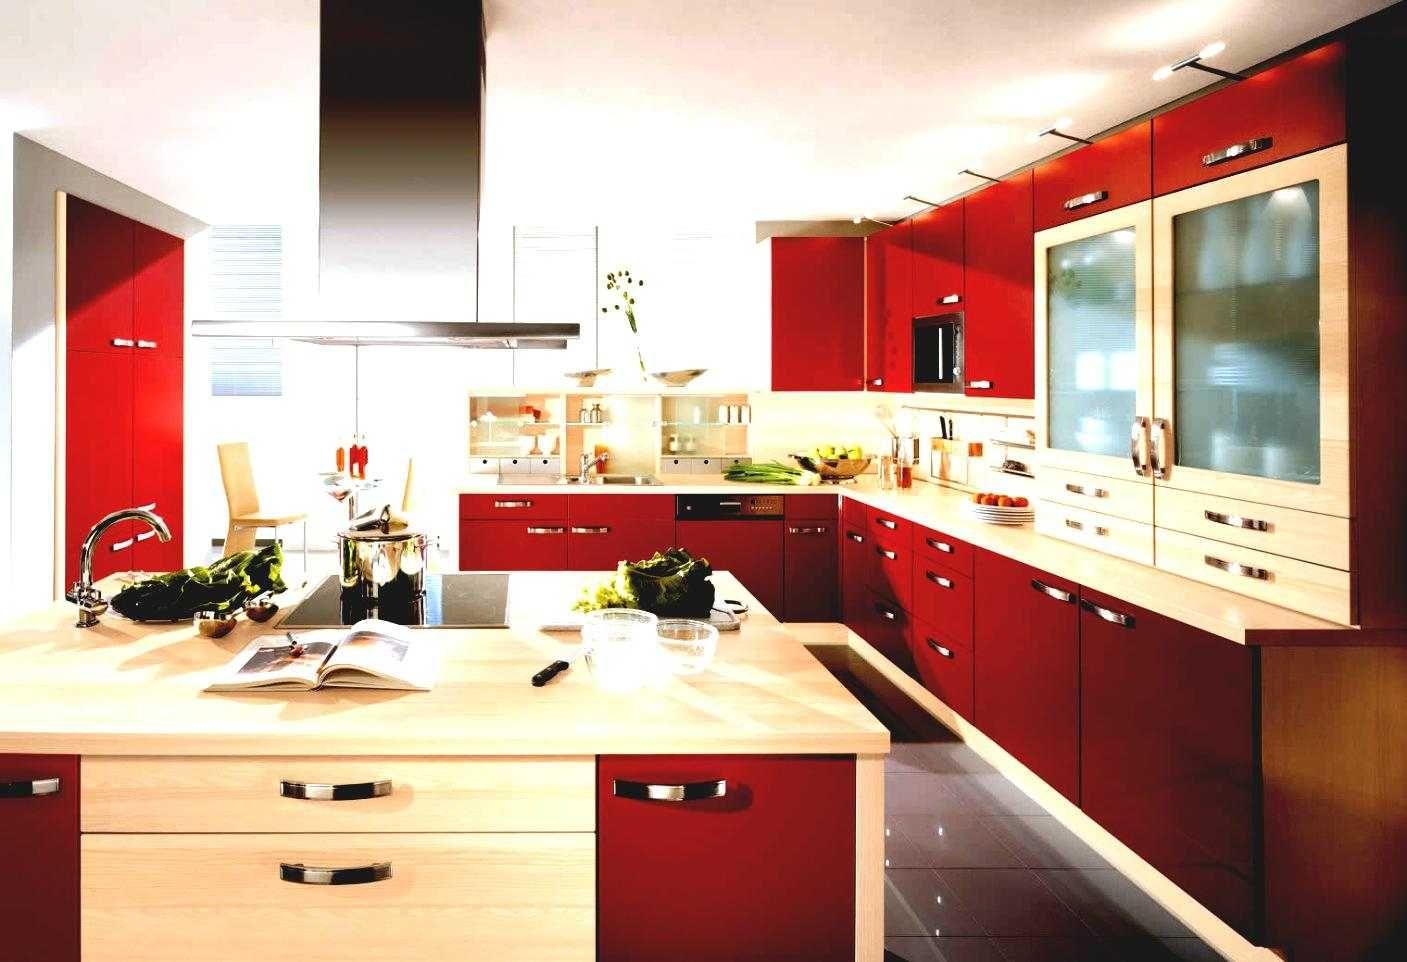 amnager une cuisine ouverte sur salle manger - Amenagement Cuisine Ouverte Avec Salle A Manger